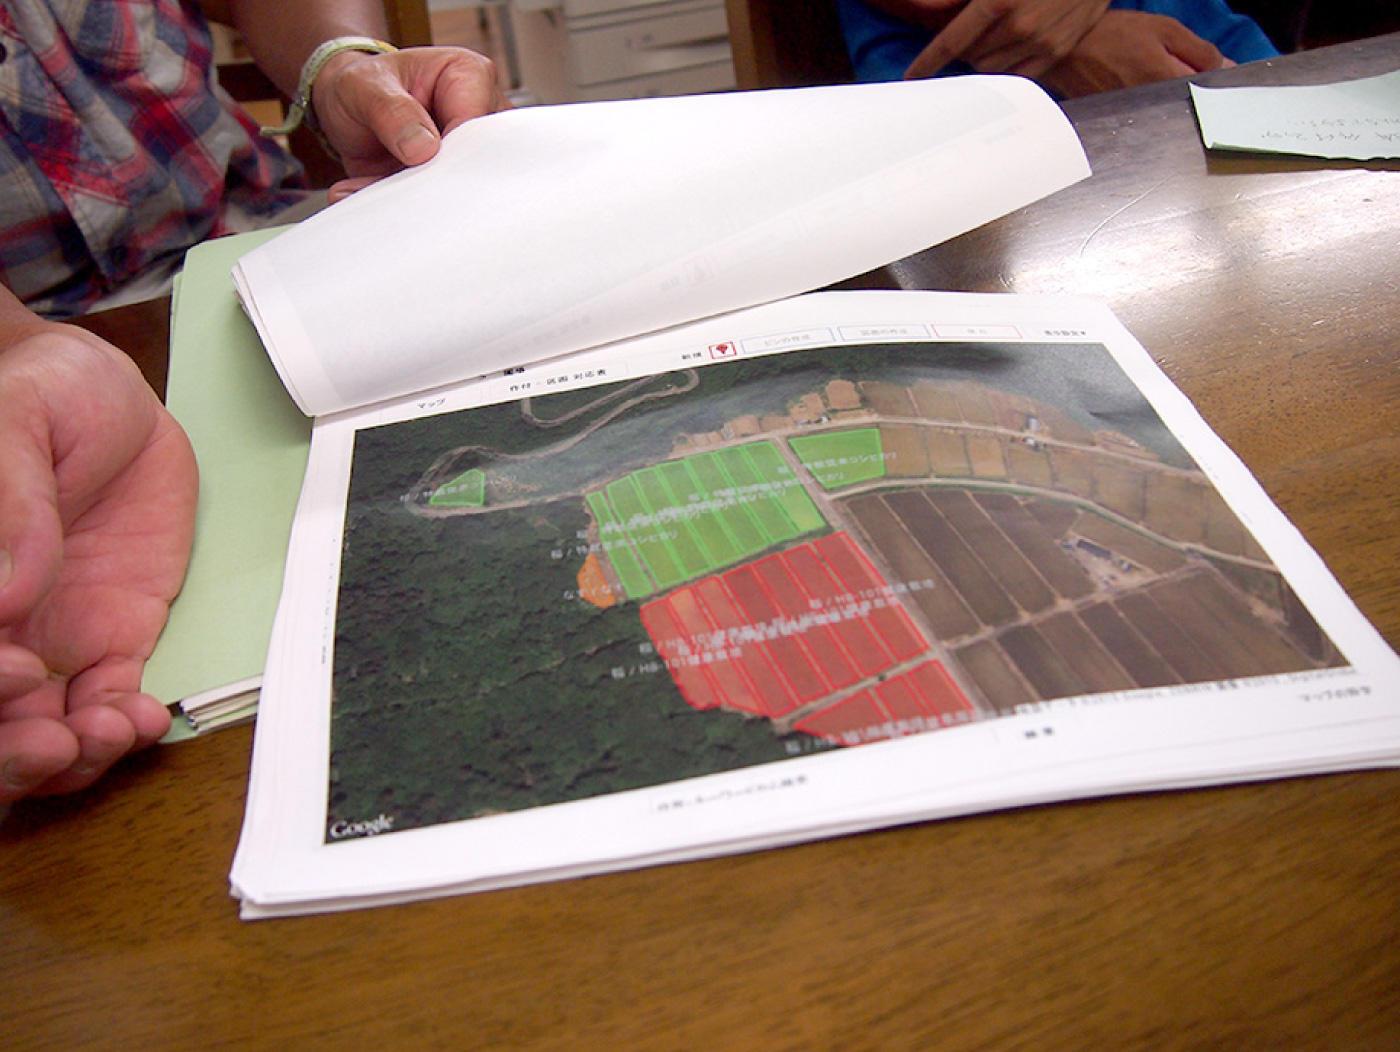 アグリノートの画面を印刷して使用するケースも